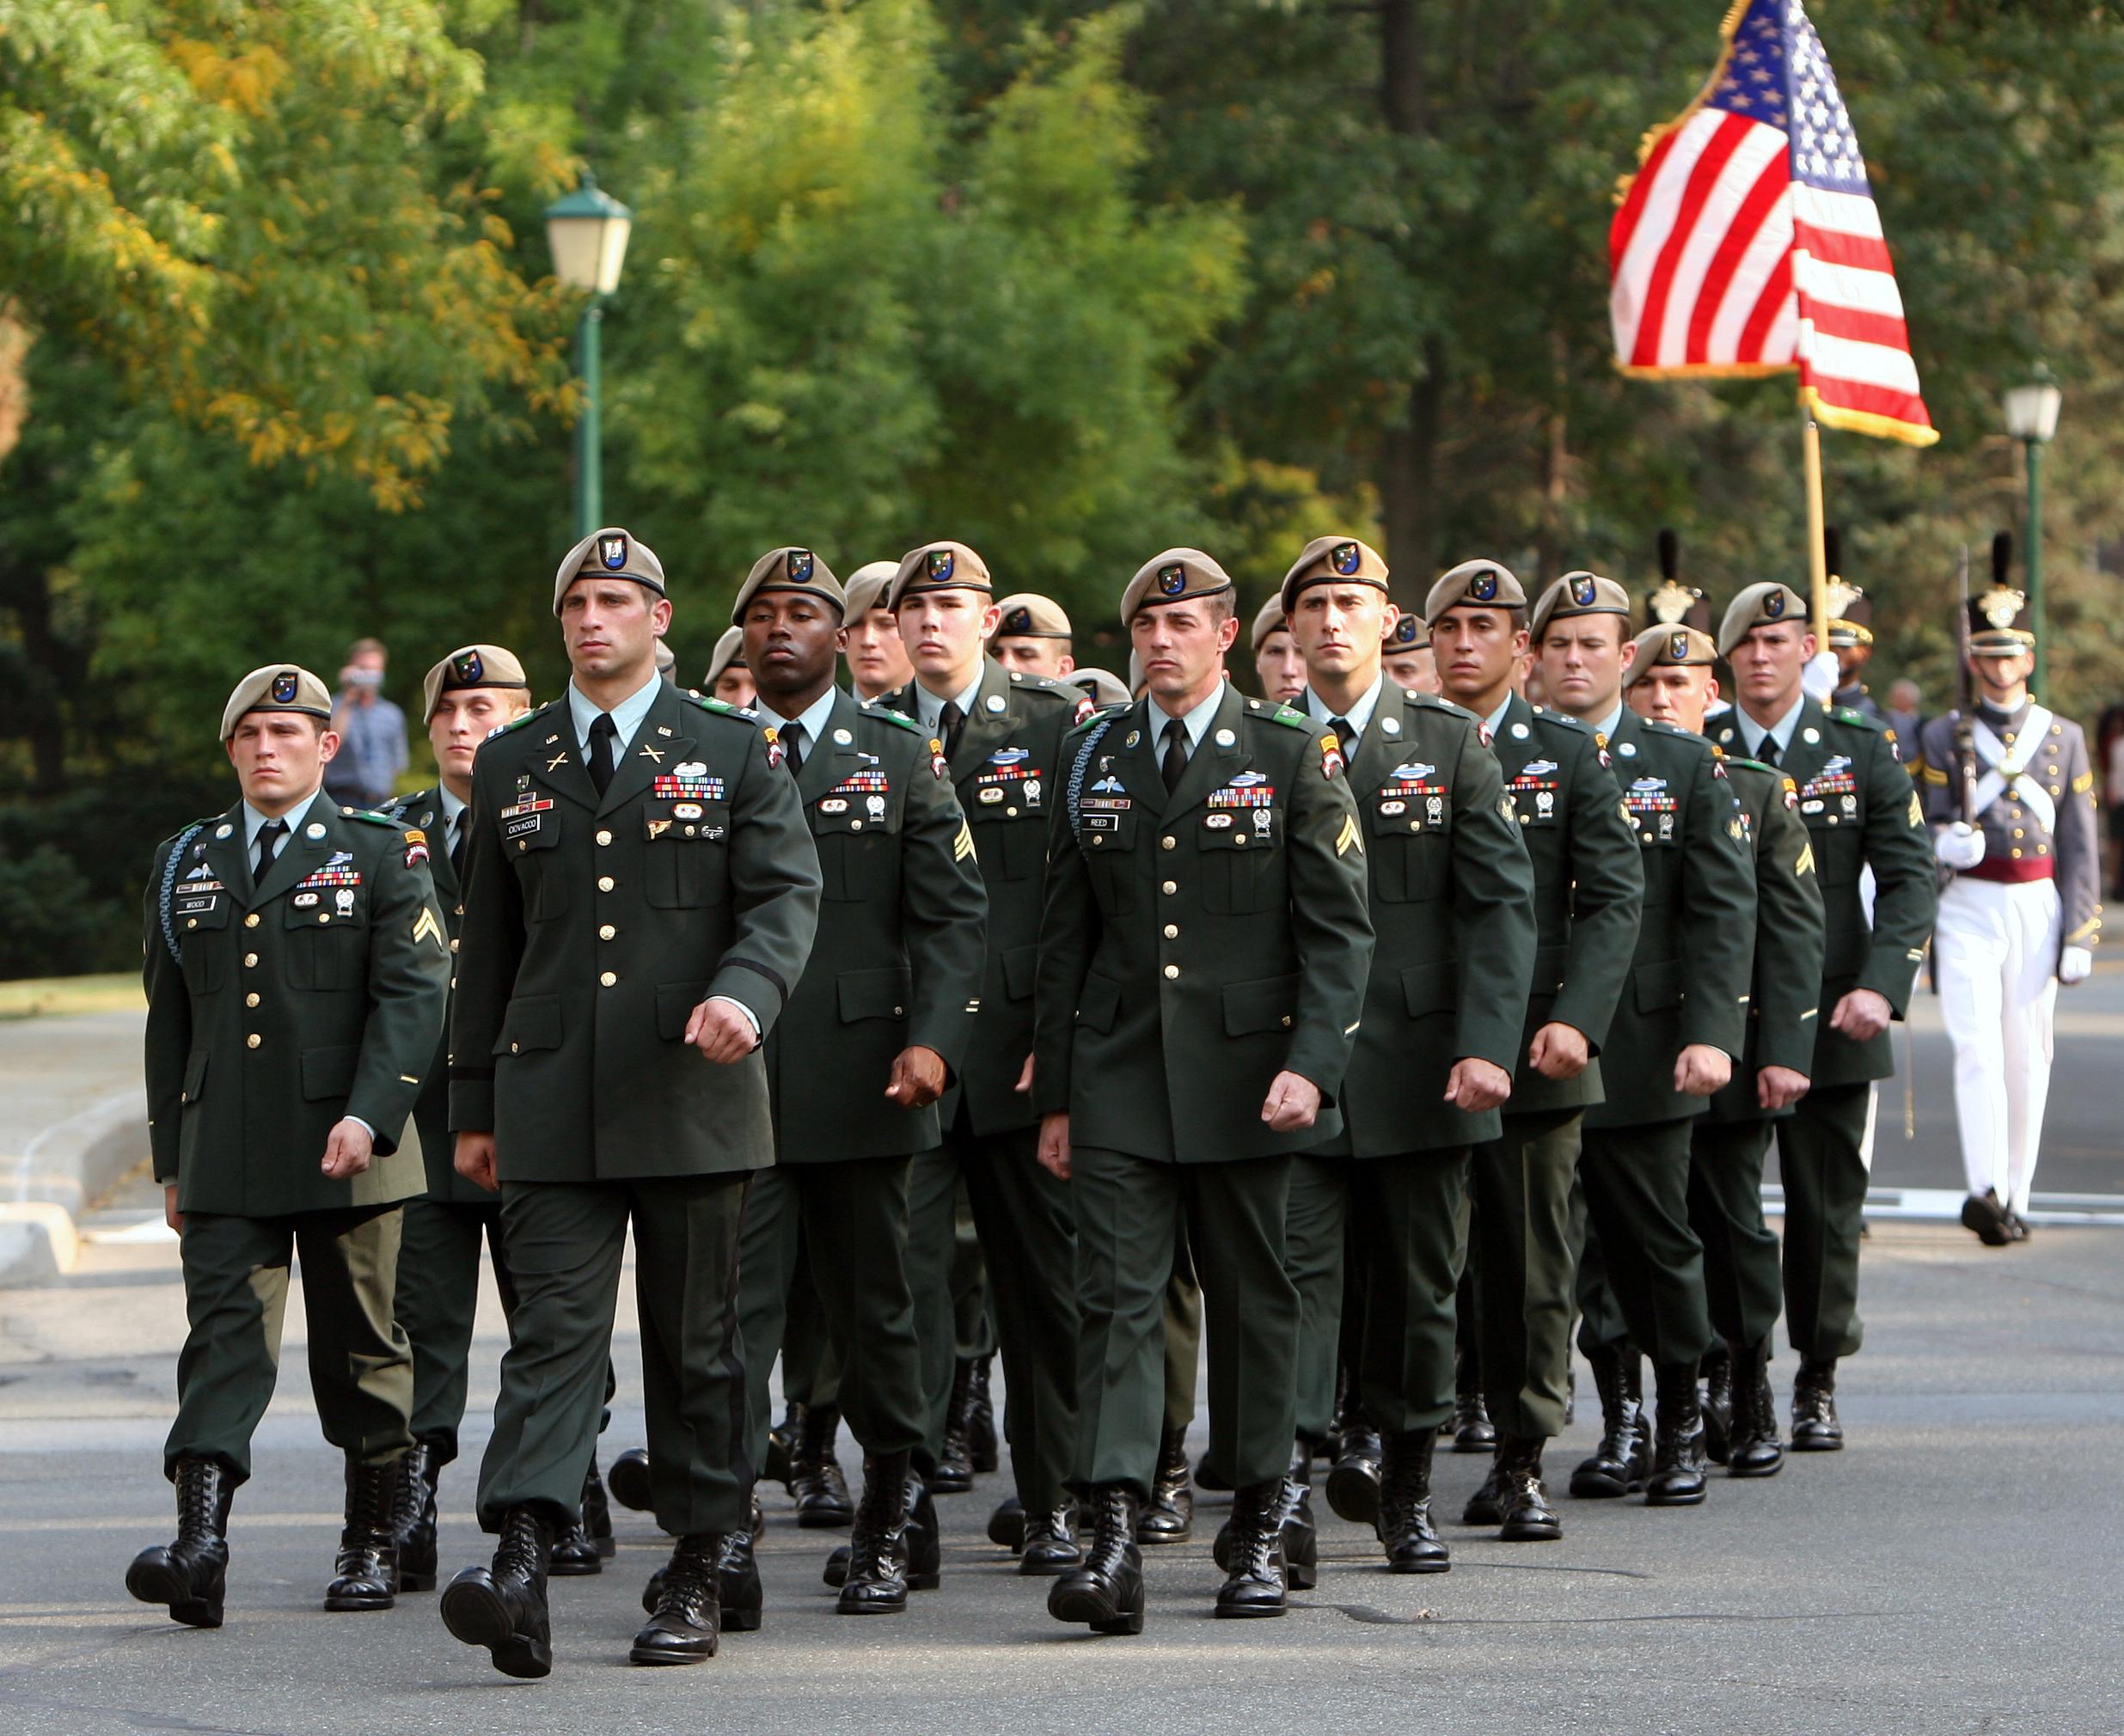 Denuncias por agresiones sexuales crecieron un 60% en Ejército de EEUU durante 2013